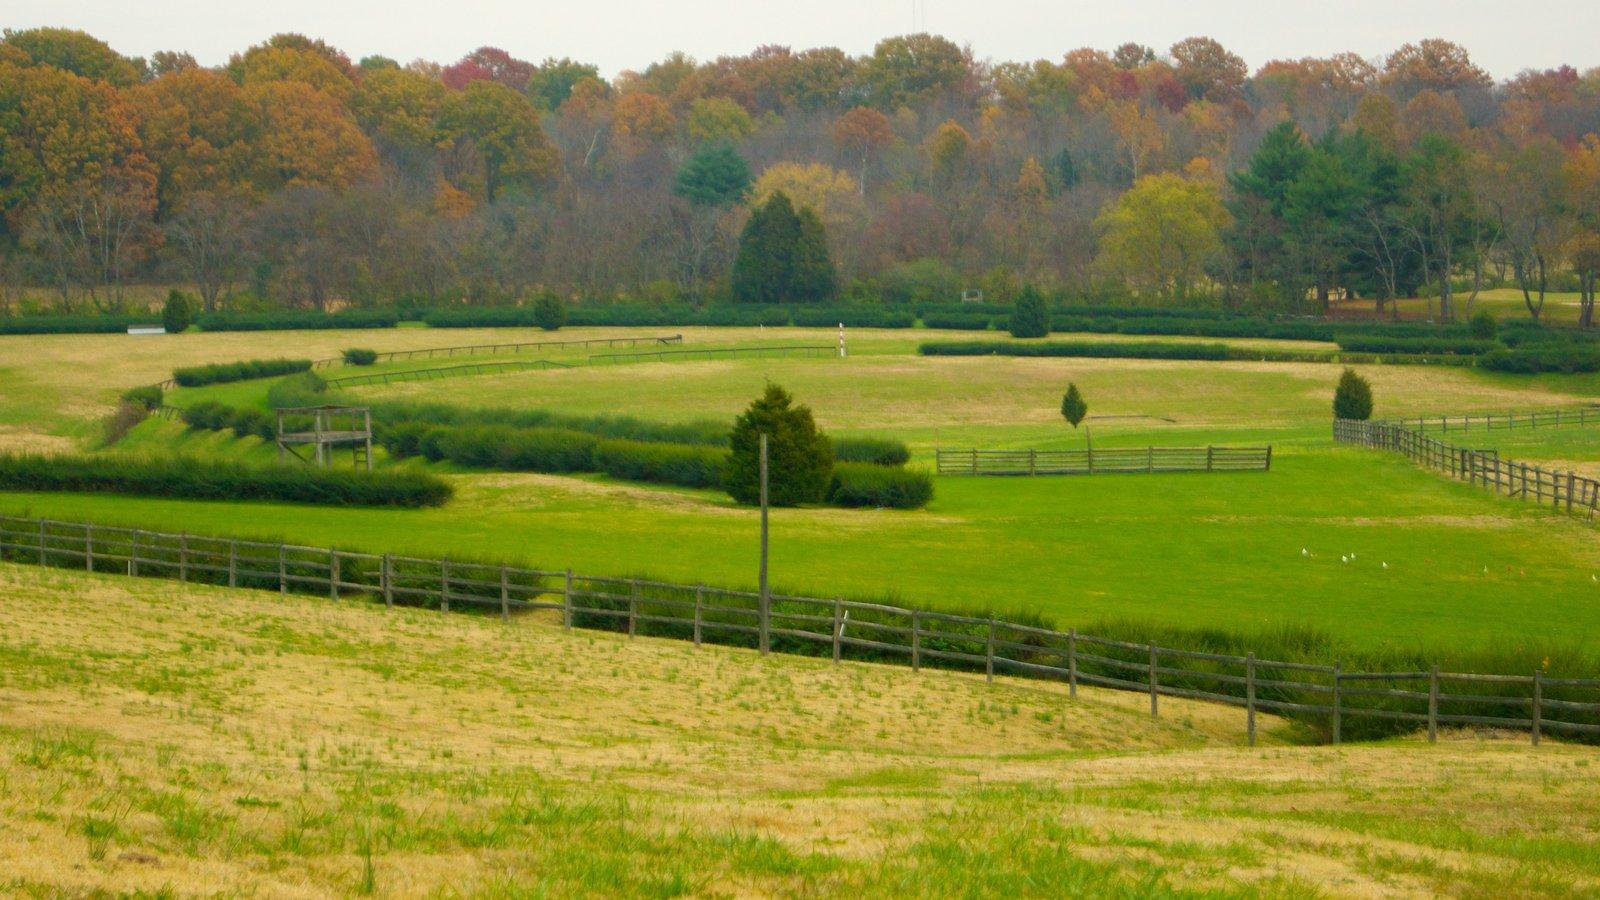 Edwin and Percy Warner Parks mostrando un parque, escenas tranquilas y vistas de paisajes